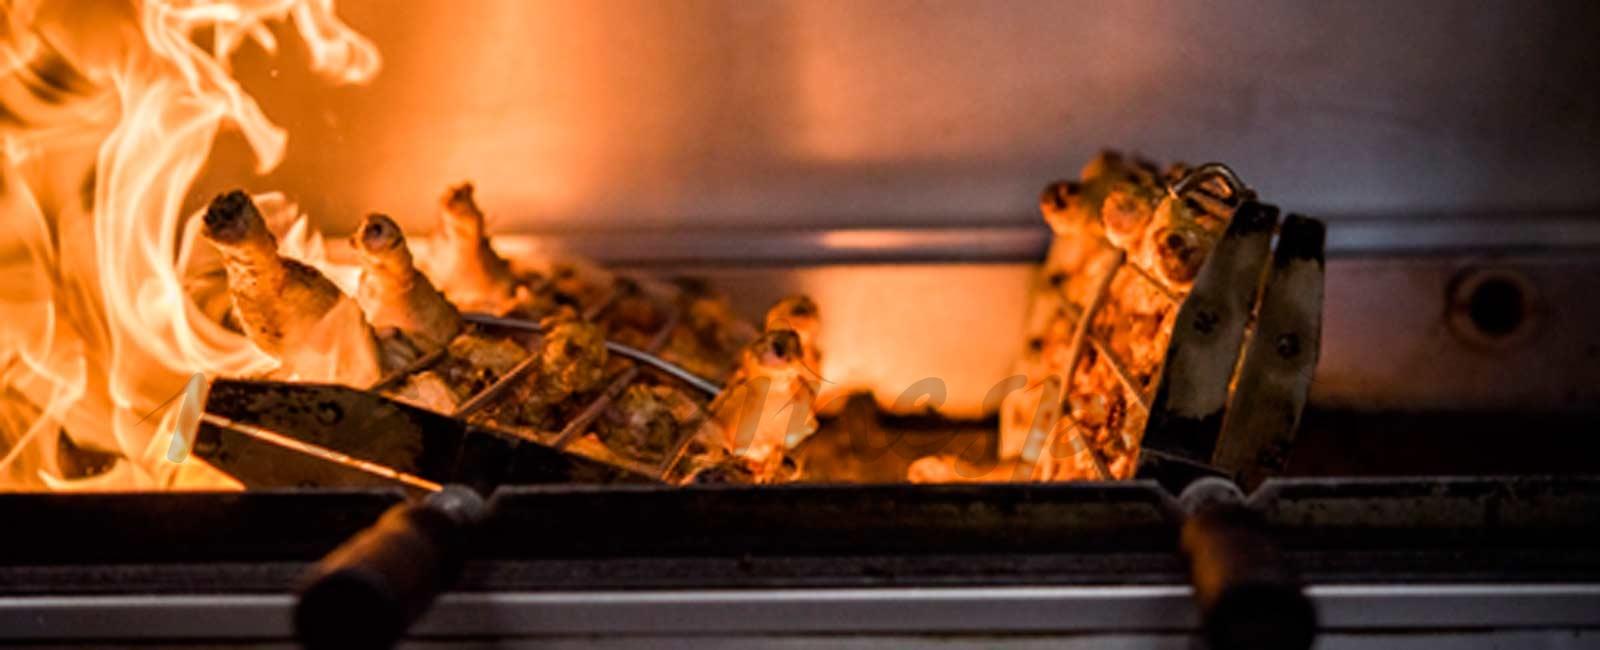 KIP pollo al carbón